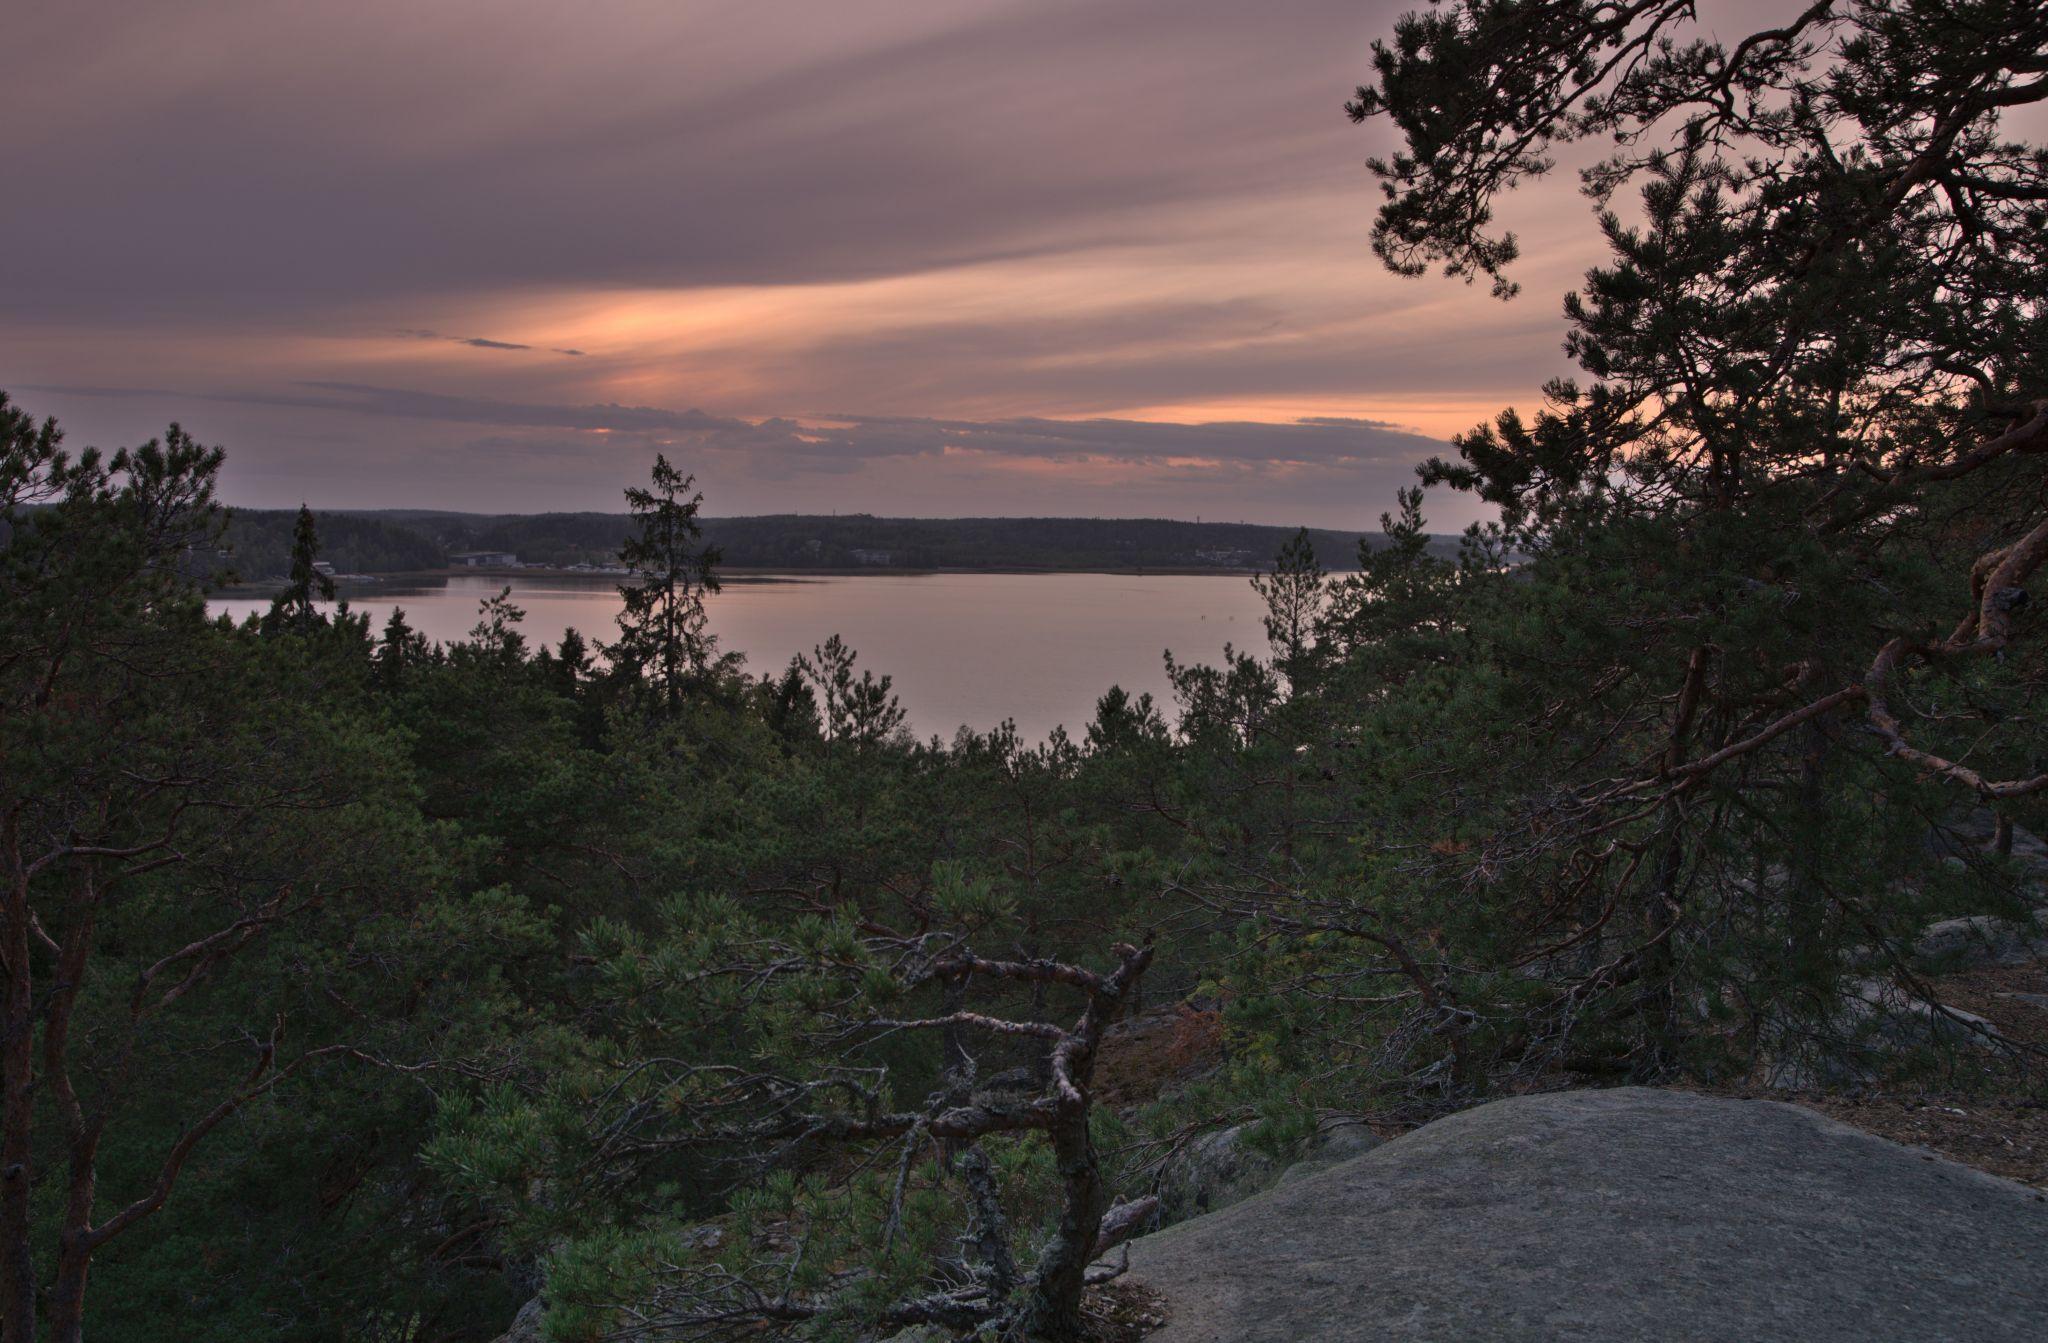 Vaarniemenkallion Lookout Tower, Finland